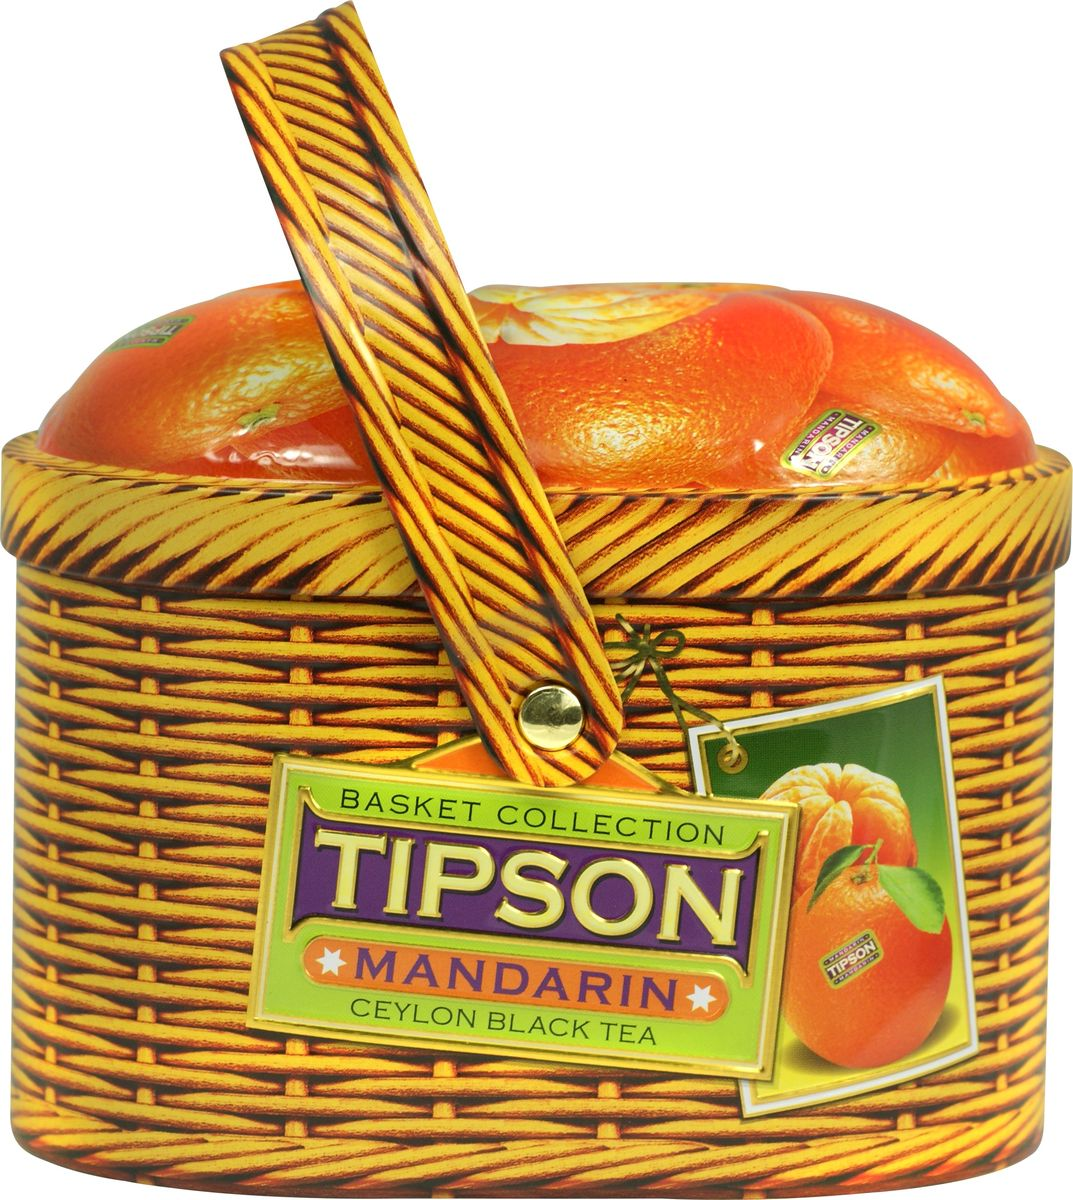 Tipson Mandarin черный листовой чай, 80 г tipson империал 3 чайный набор стеклянный чайник и чай 50 г